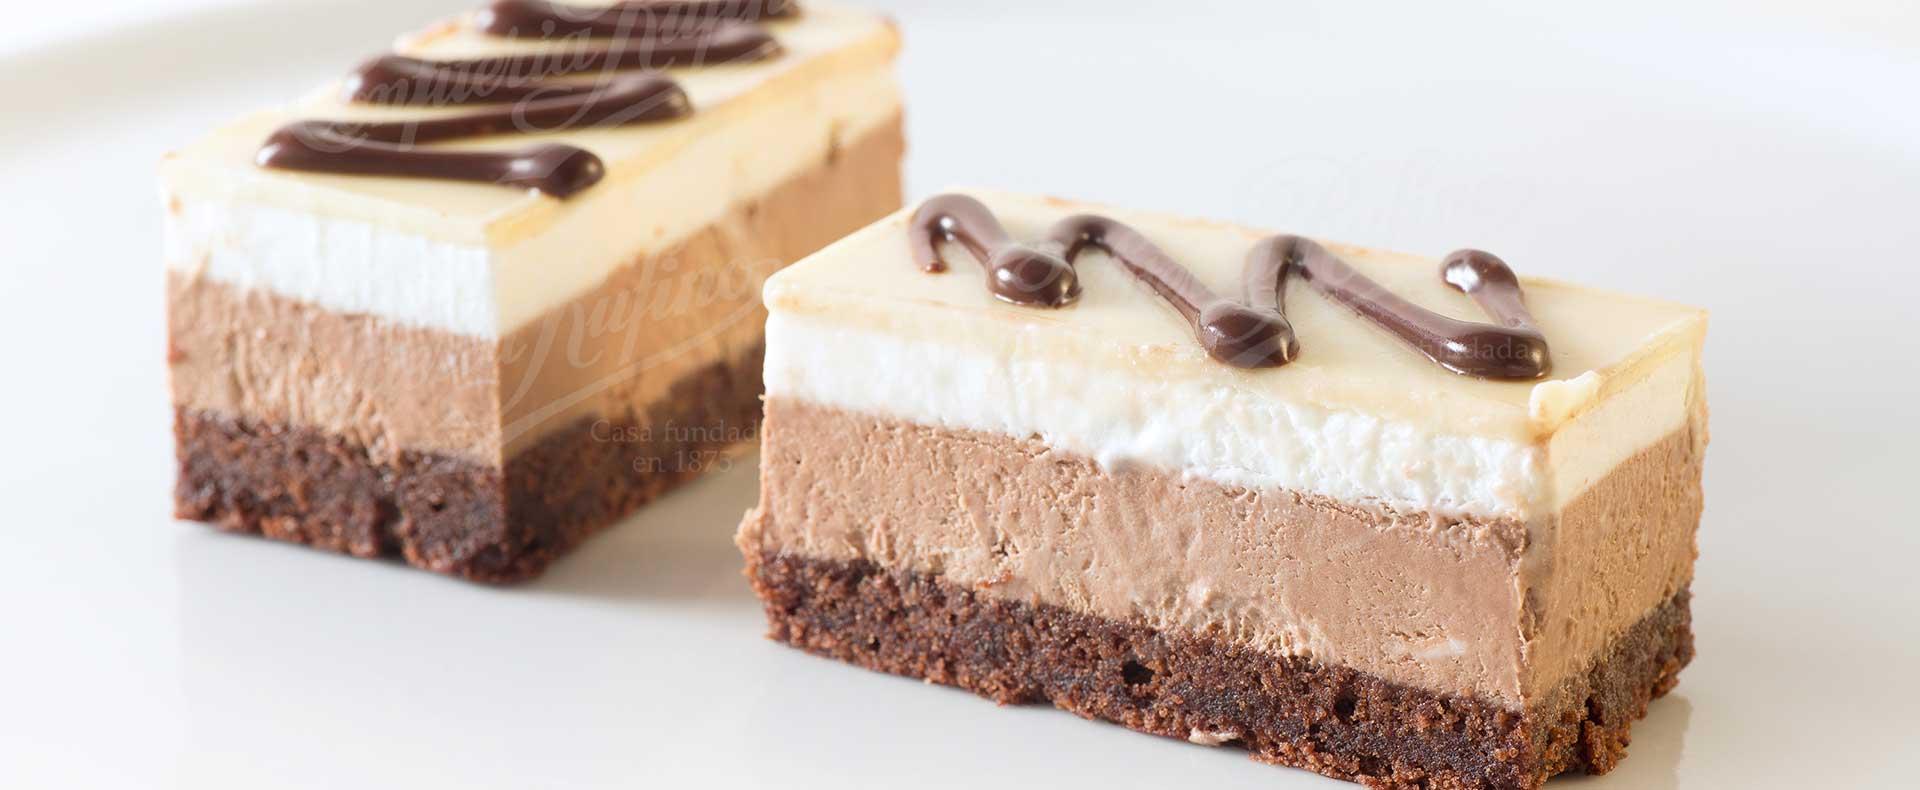 Patel tres chocolates artesanos Confiteria Rufino Aracena